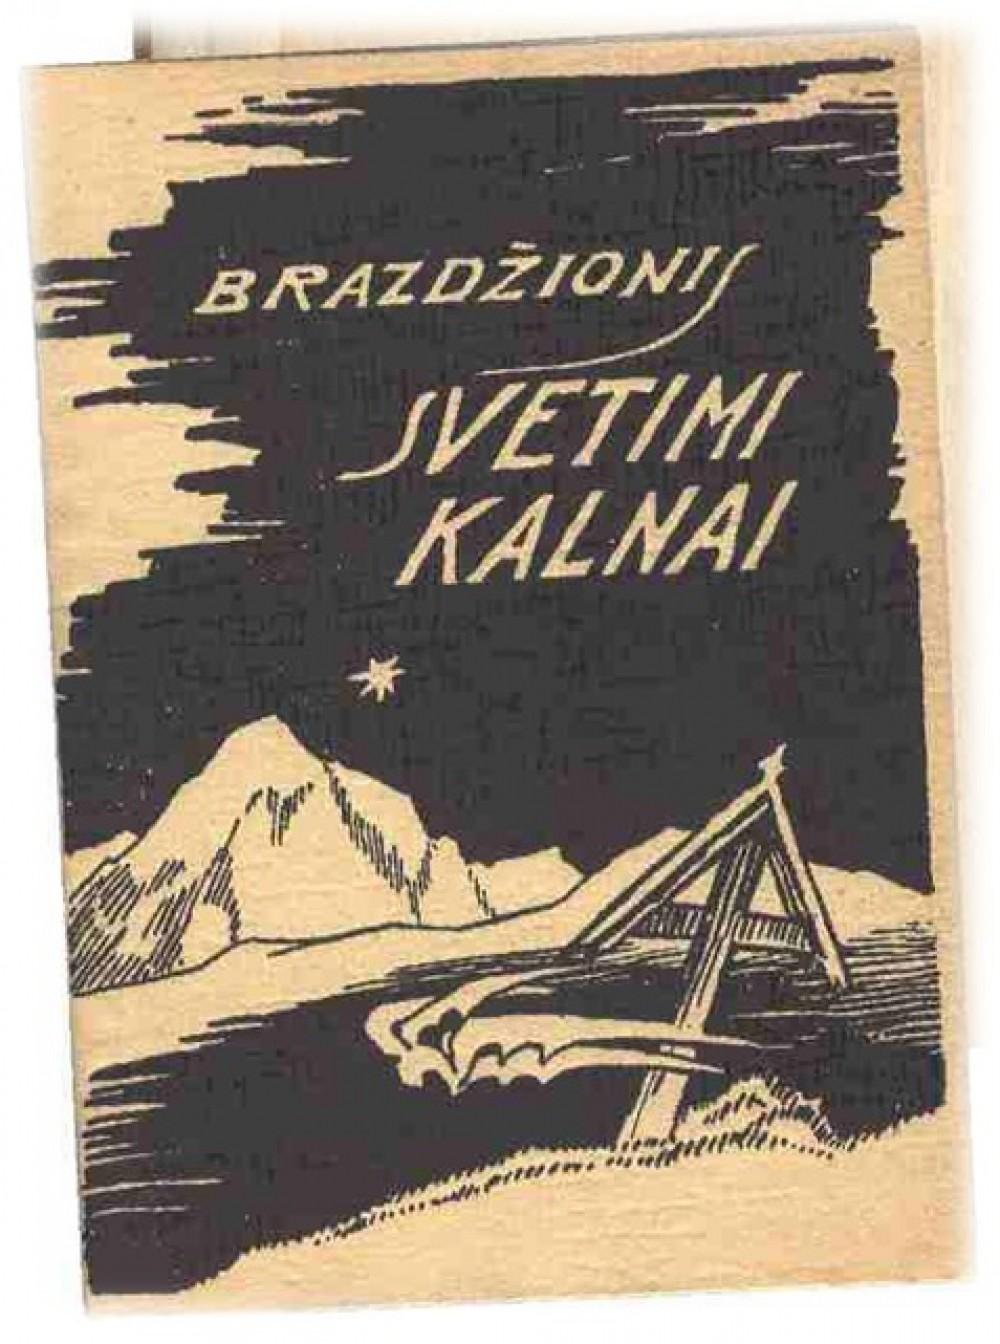 1945 m. išleista knyga, apdovanota Švietimo valdybos literatūrine premija 1947 m.